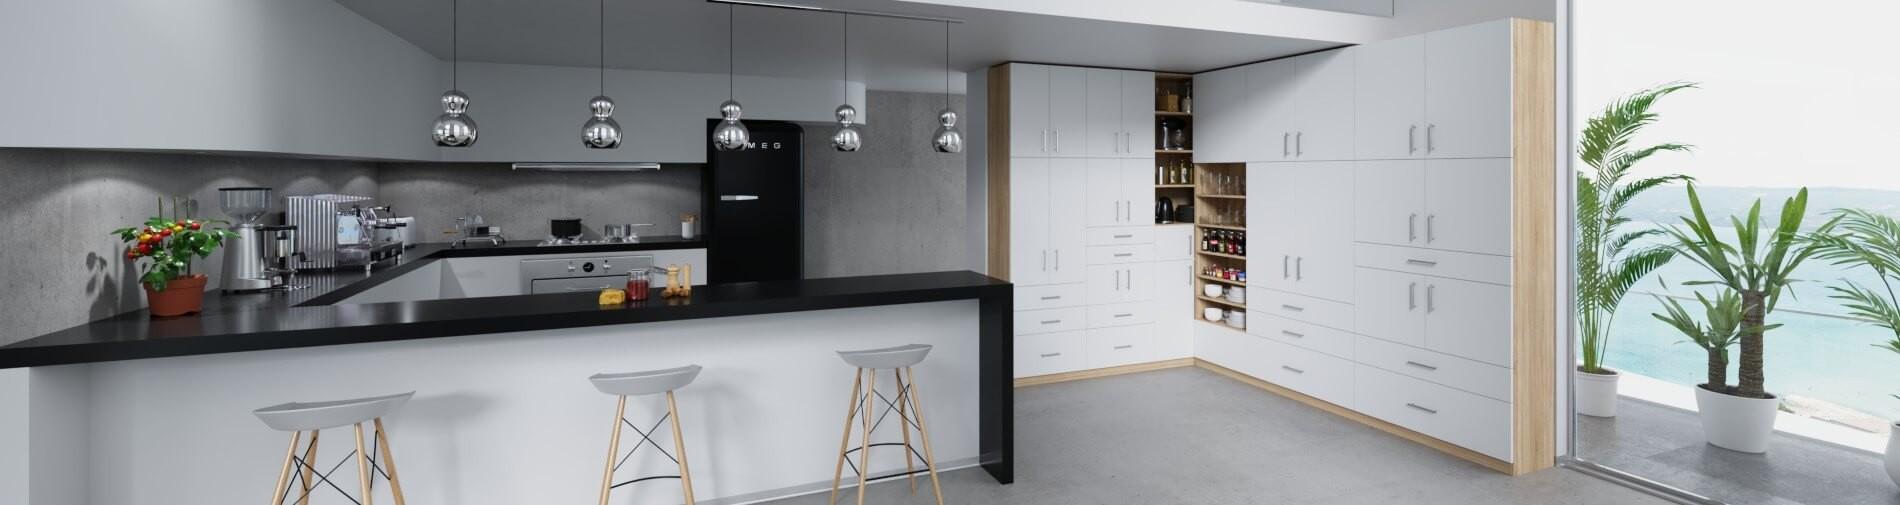 Küchenschrank zur Aufbewahrung maßgefertigt